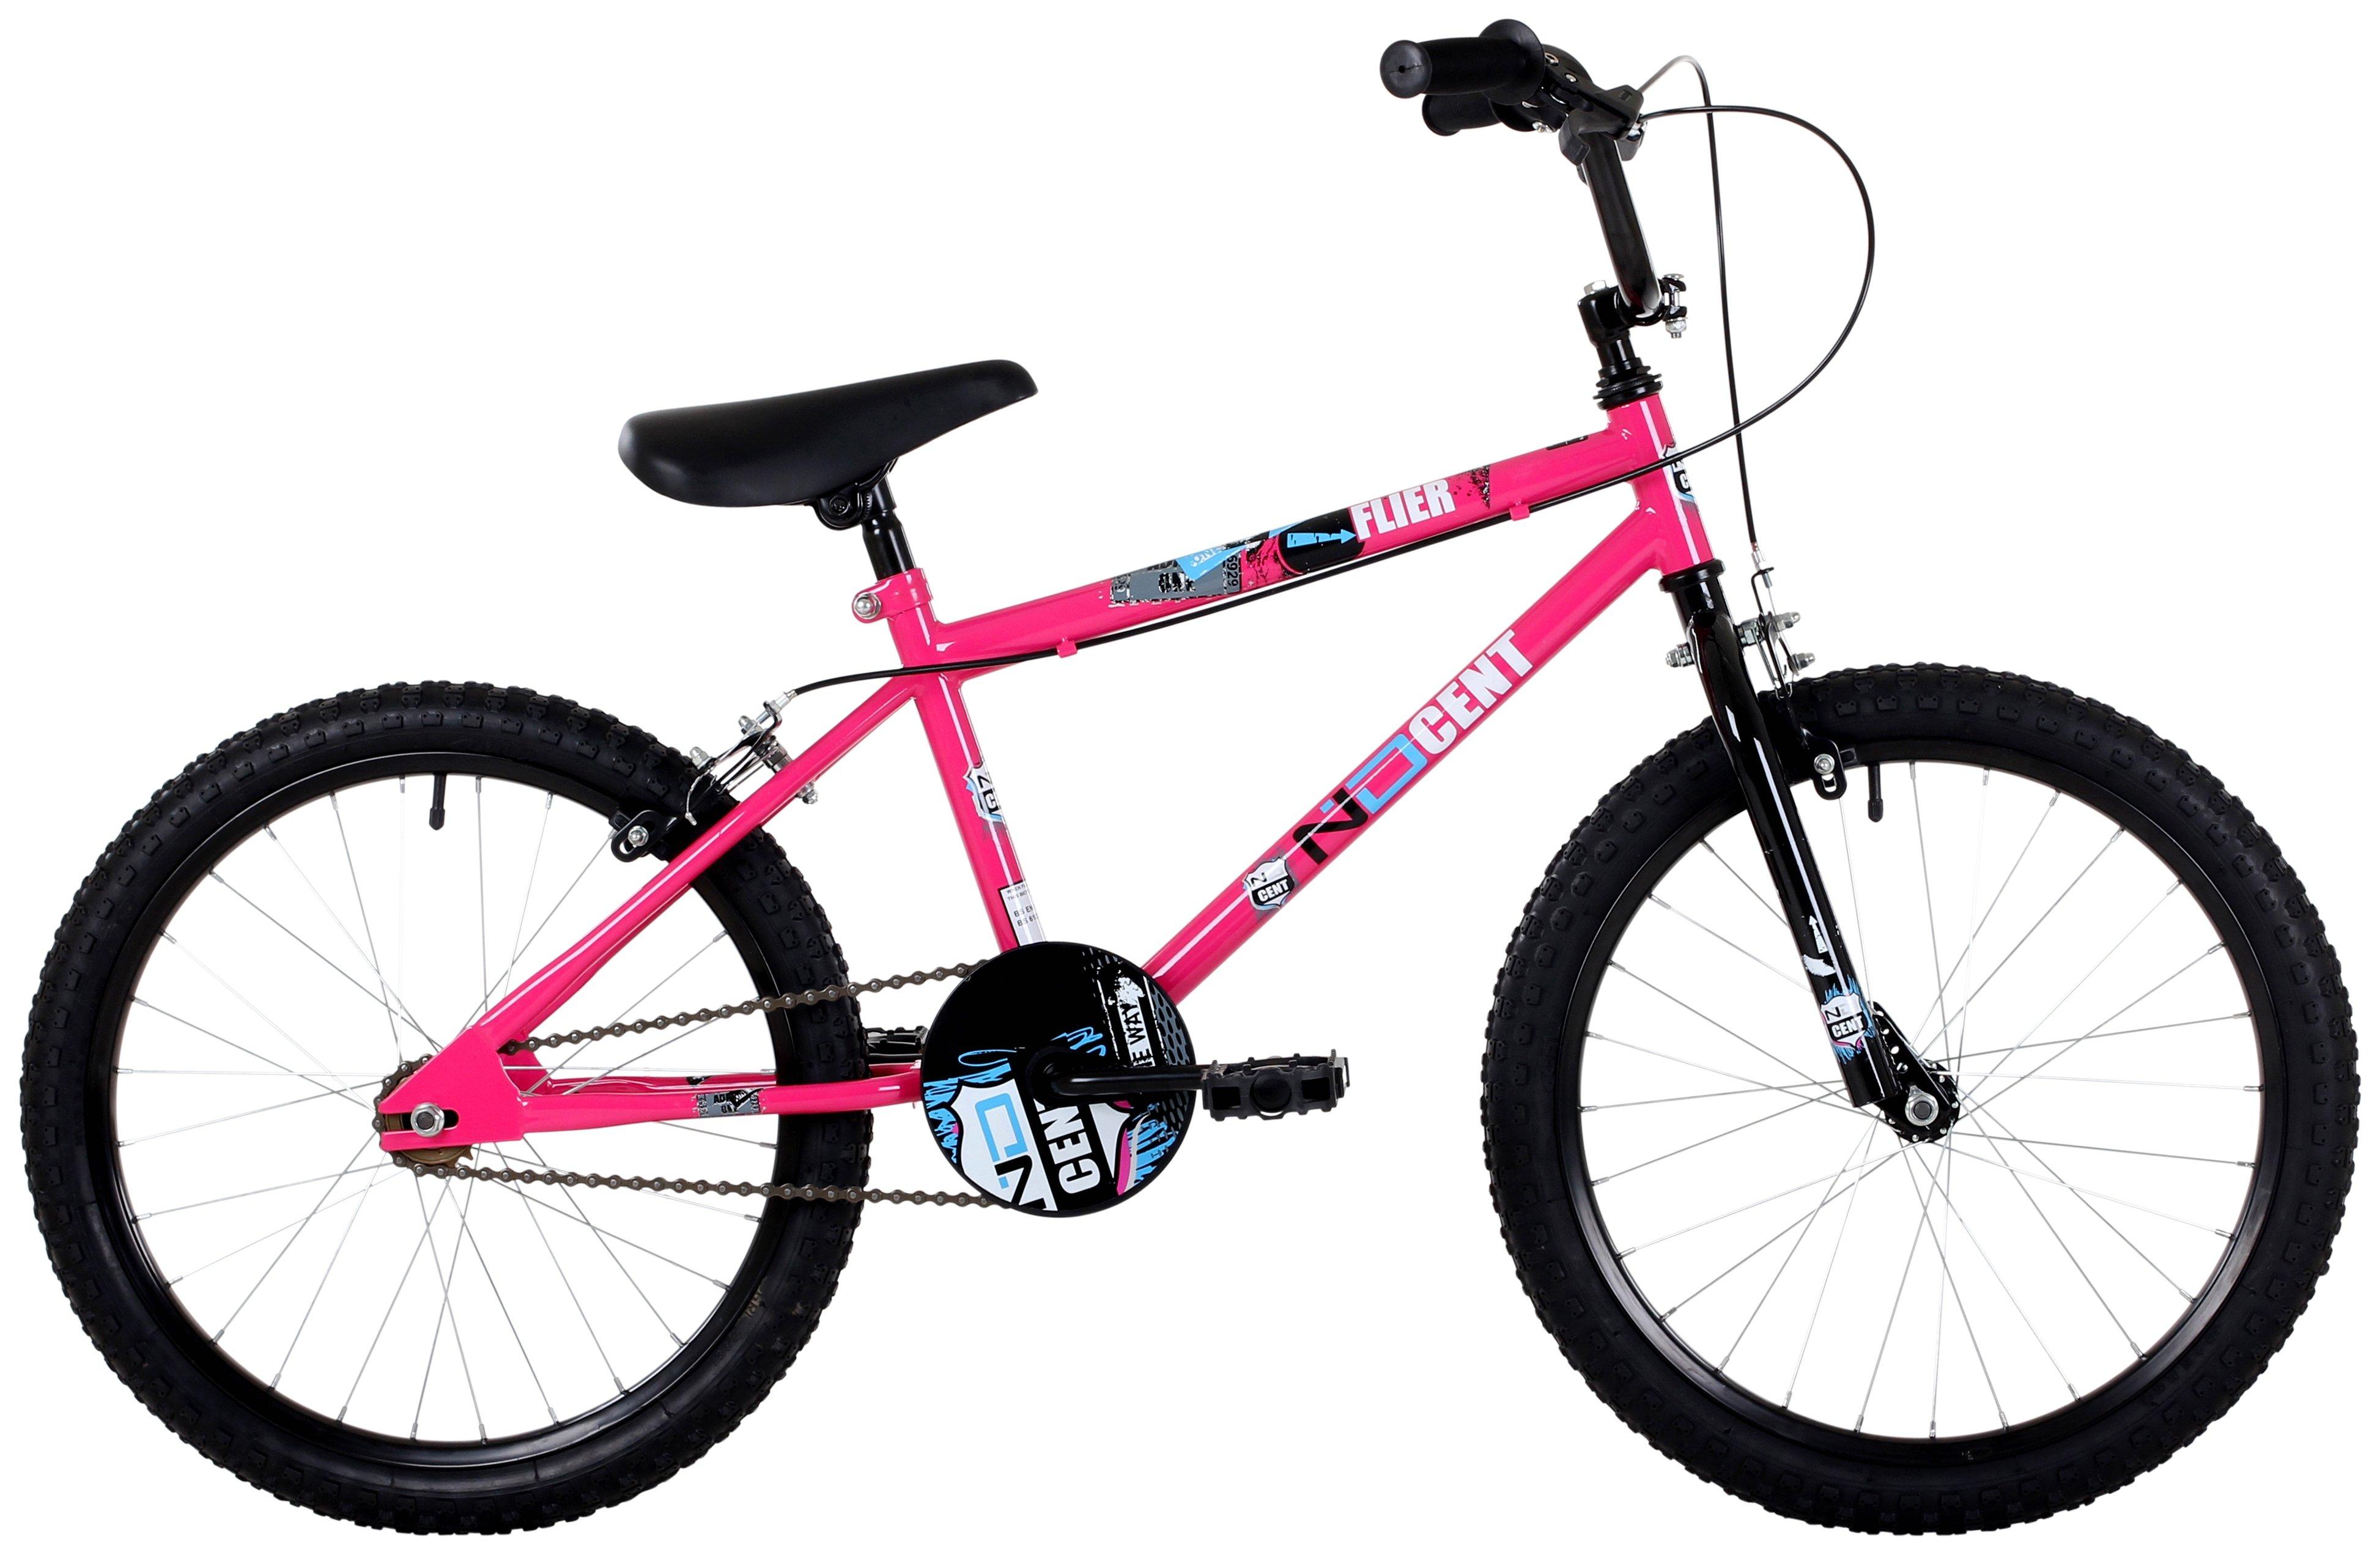 'Ndcent - Flier - 20 Inch Bmx - Bike - Pink/blue